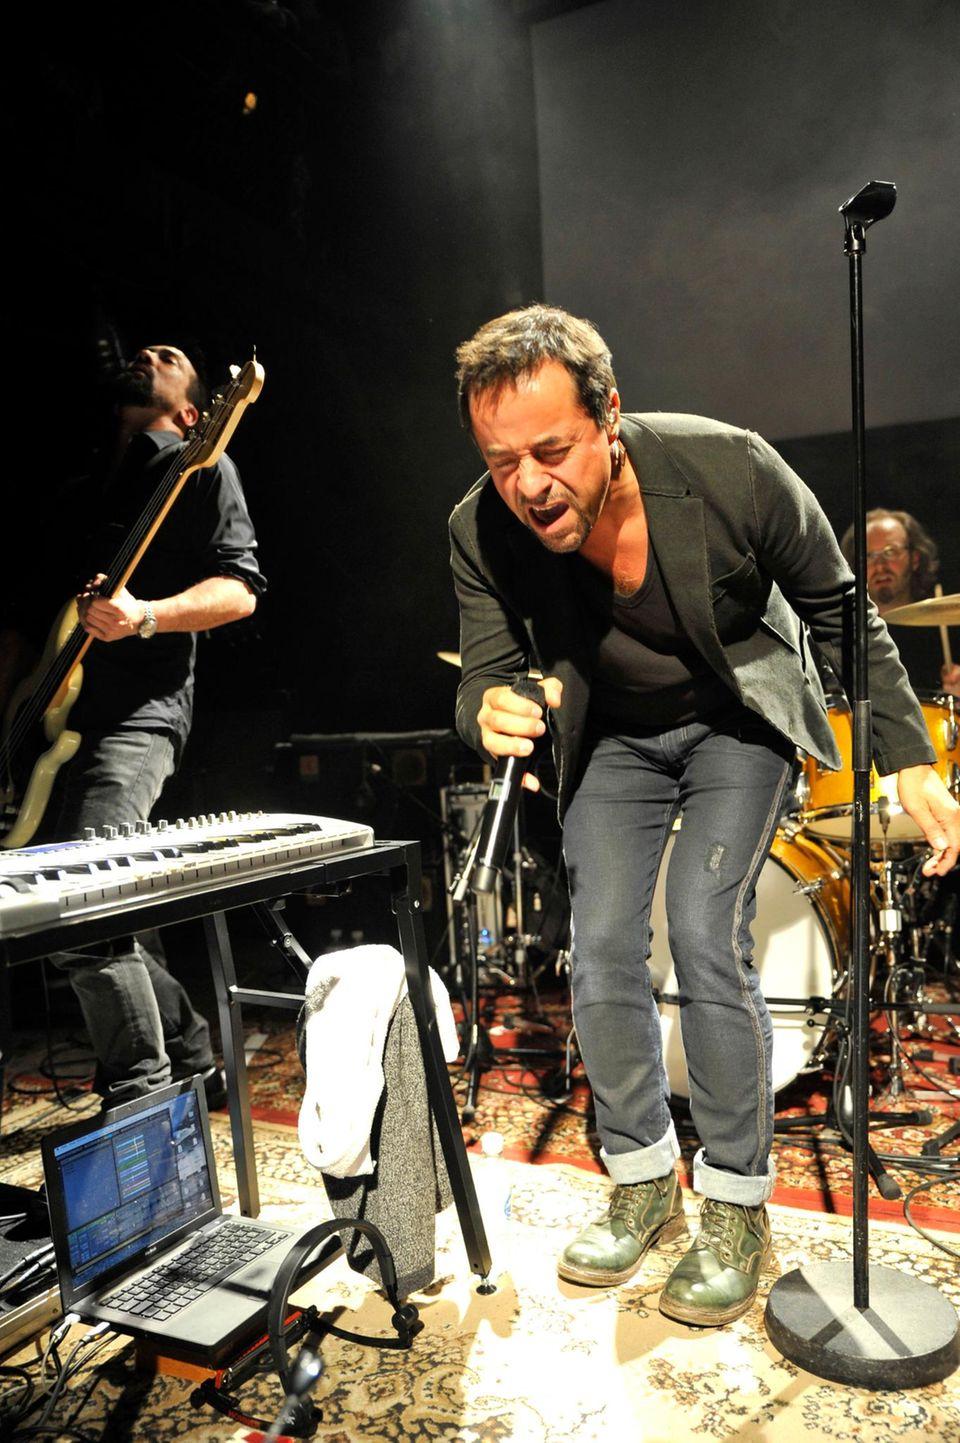 Jan Josef Liefers rockt gerne die Bühne, hier mit seiner Band Oblivion.